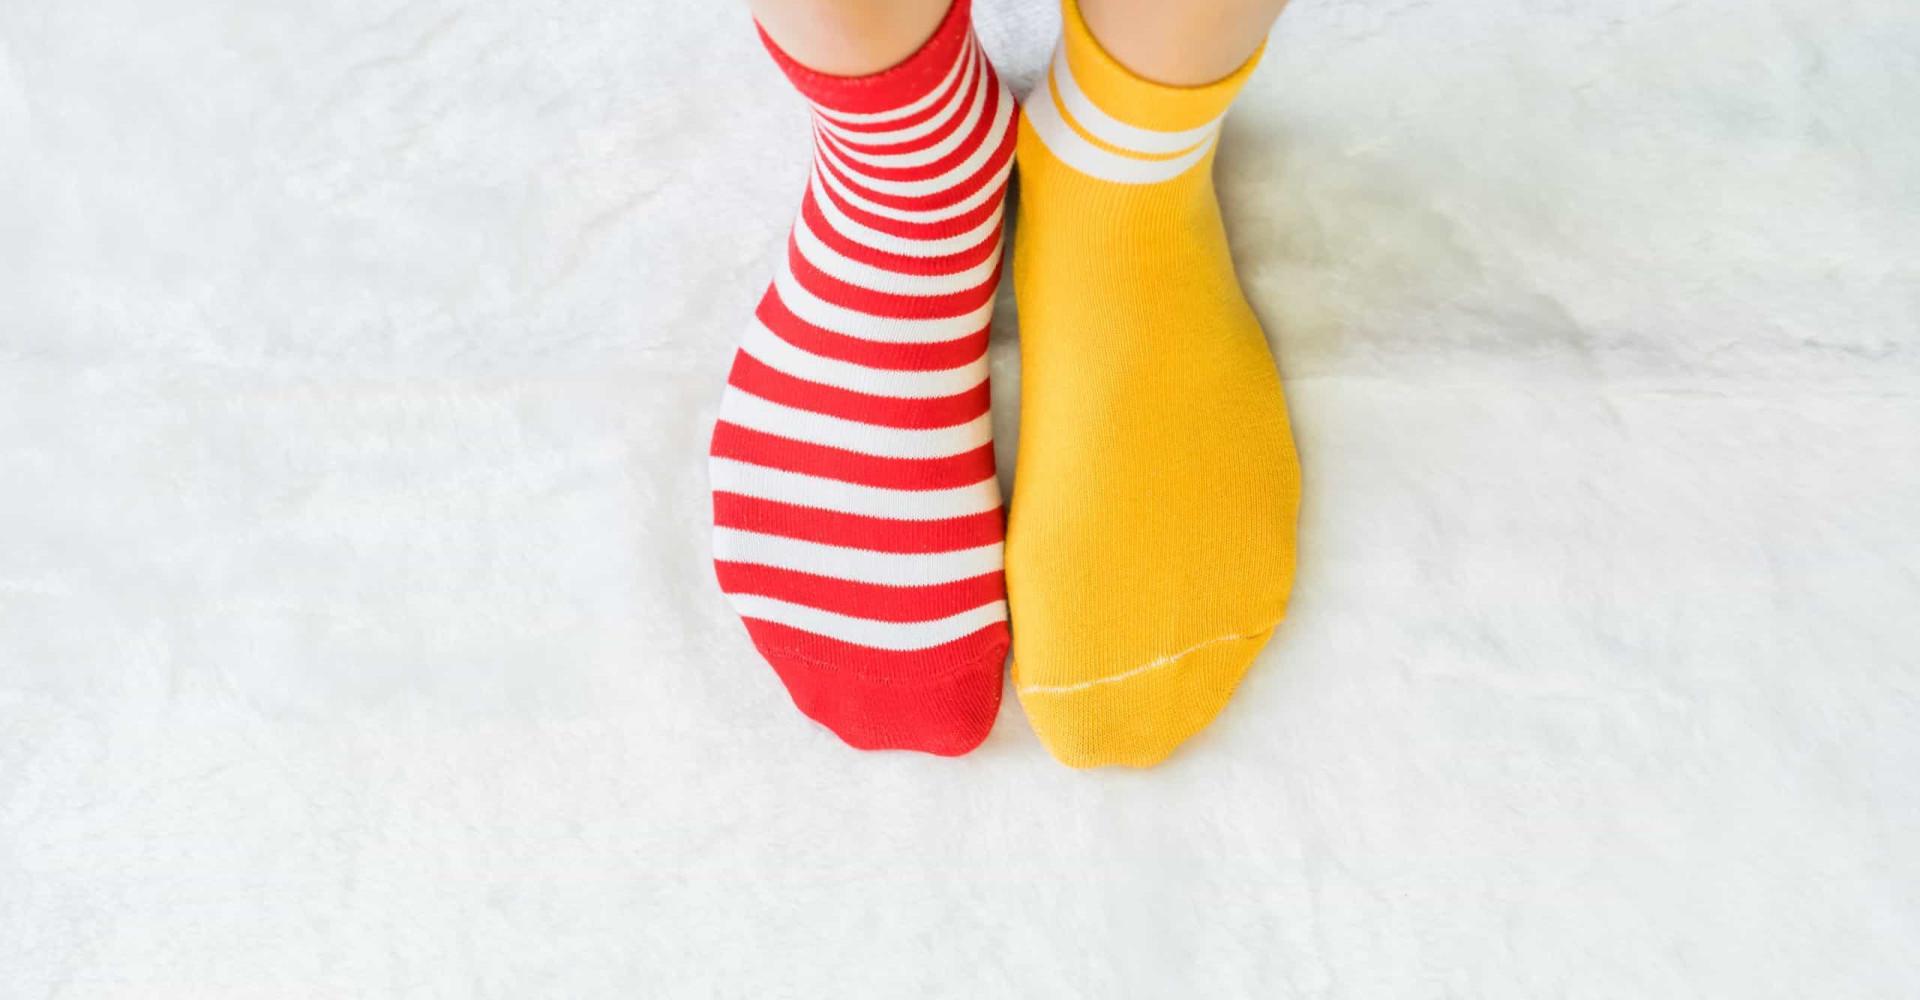 Nooit meer je sokken kwijt met deze simpele truc